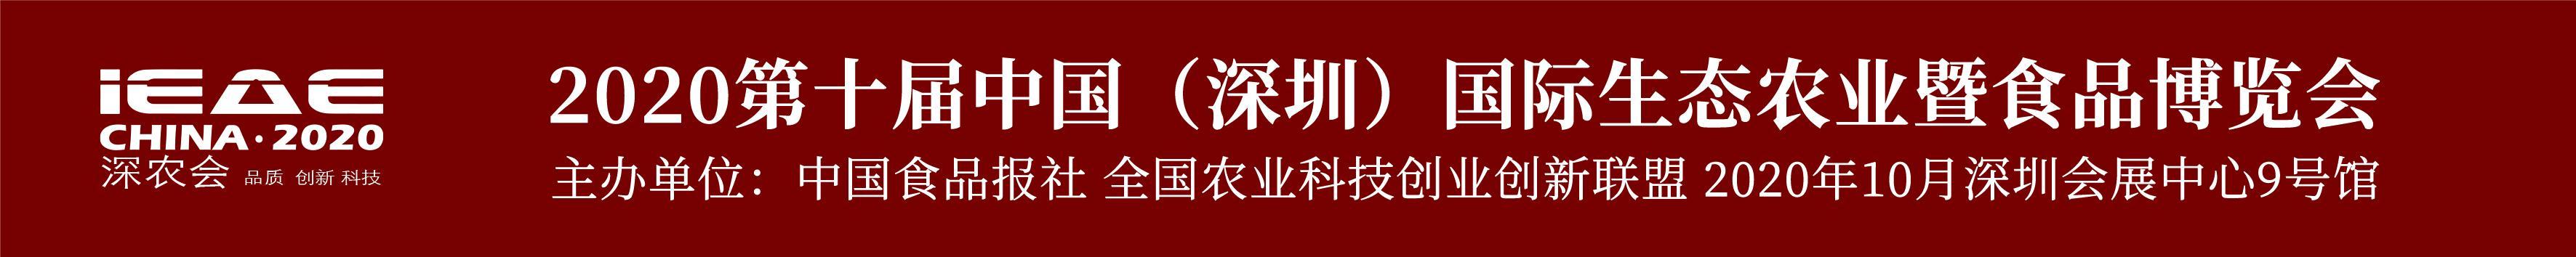 2020 易胜博足球比分(深圳)国际生态农业暨易胜博网址博览会